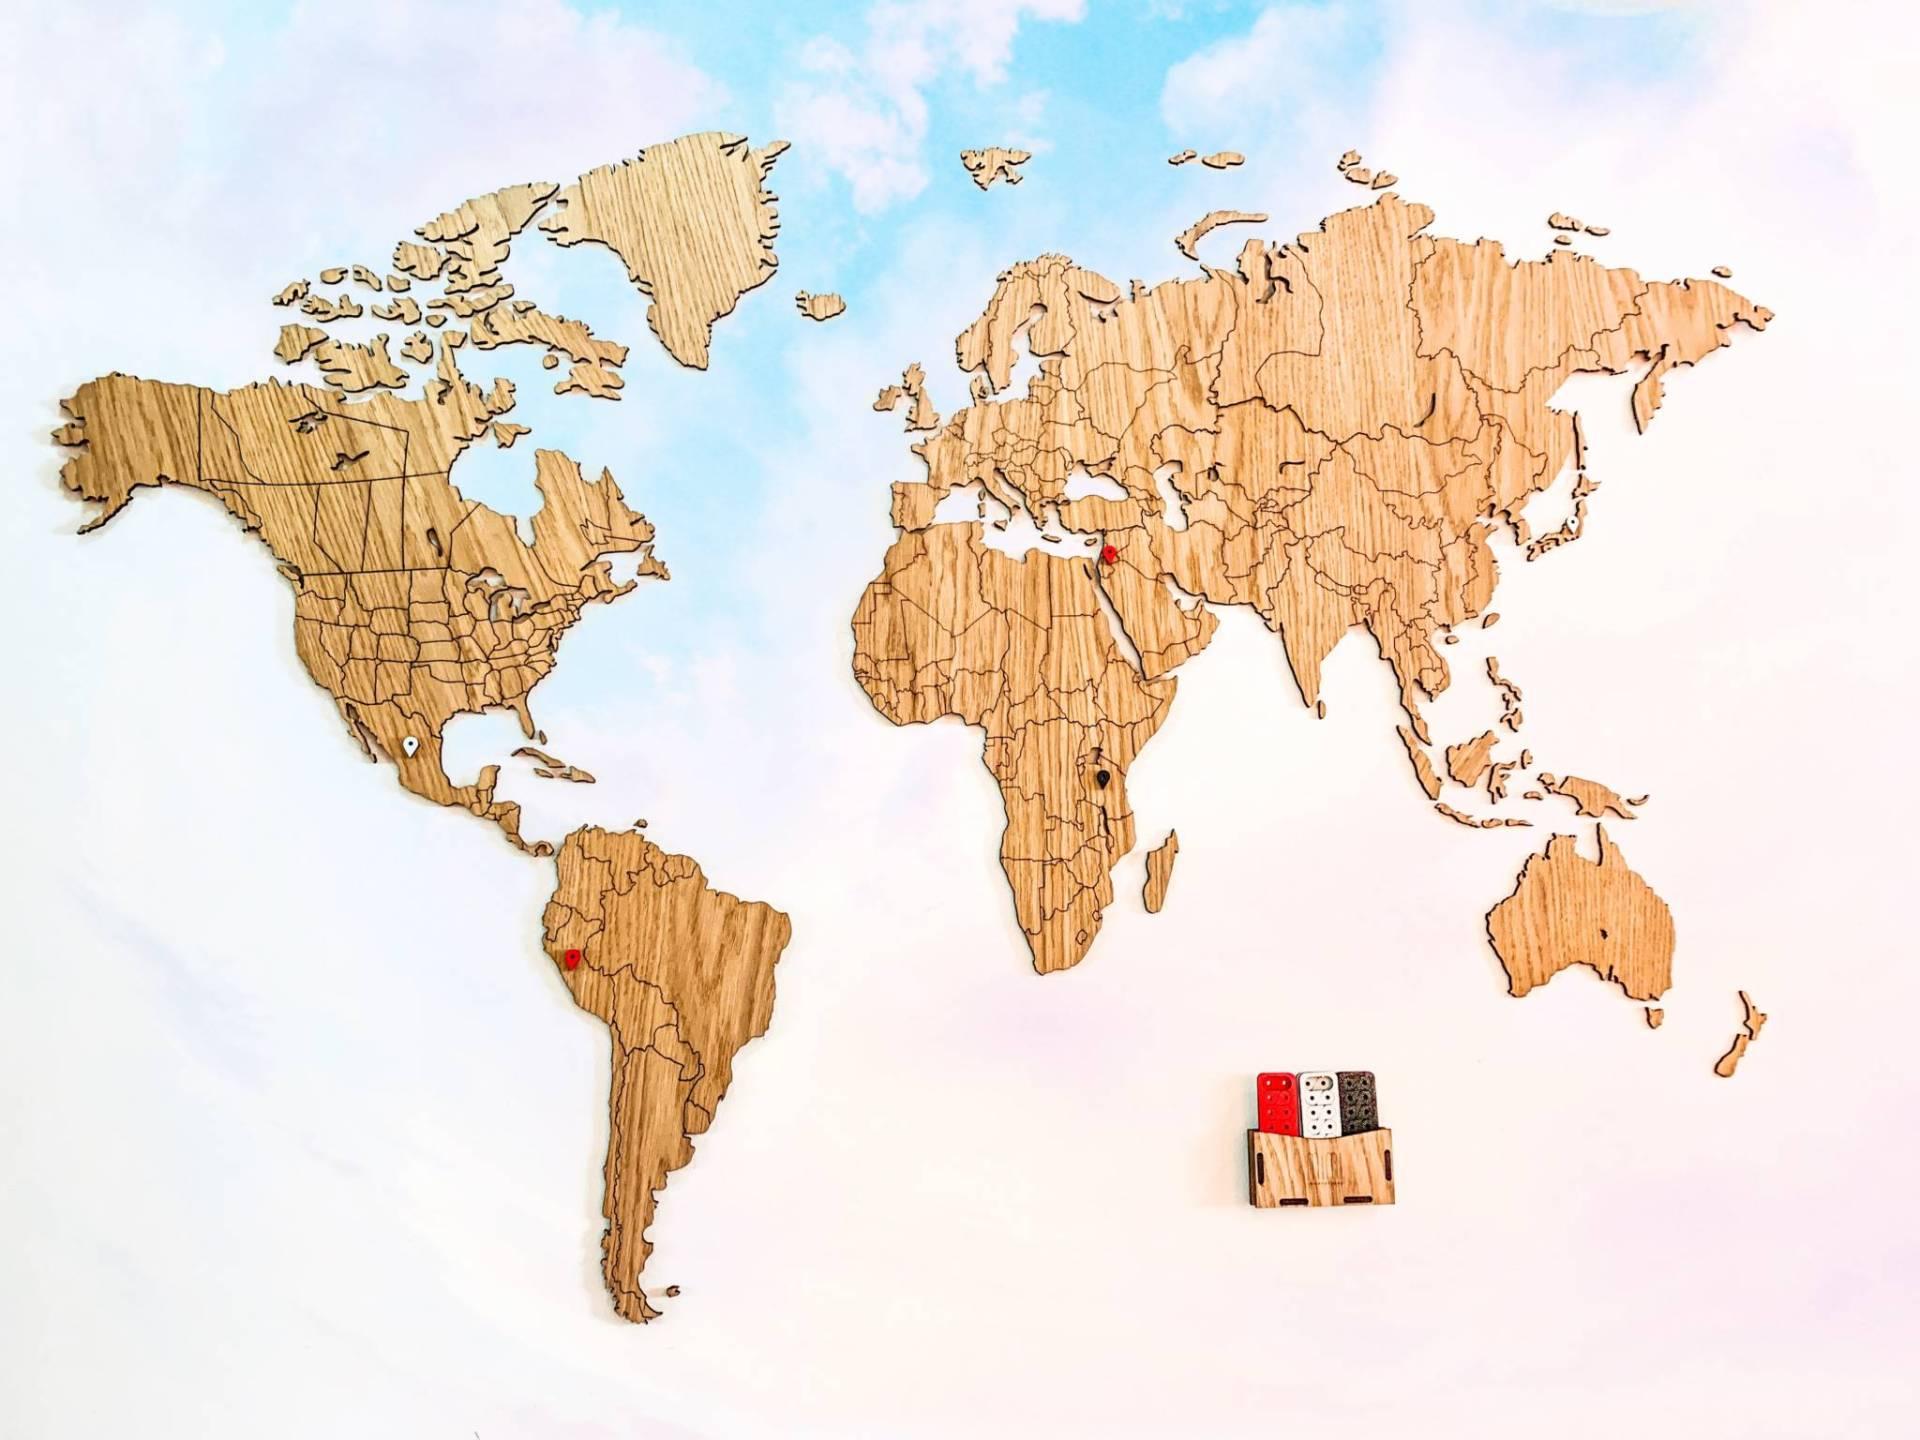 Cartina Mondo Paesi.La Mappa Del Mondo Dove Segnare Viaggi E Paesi Visitati